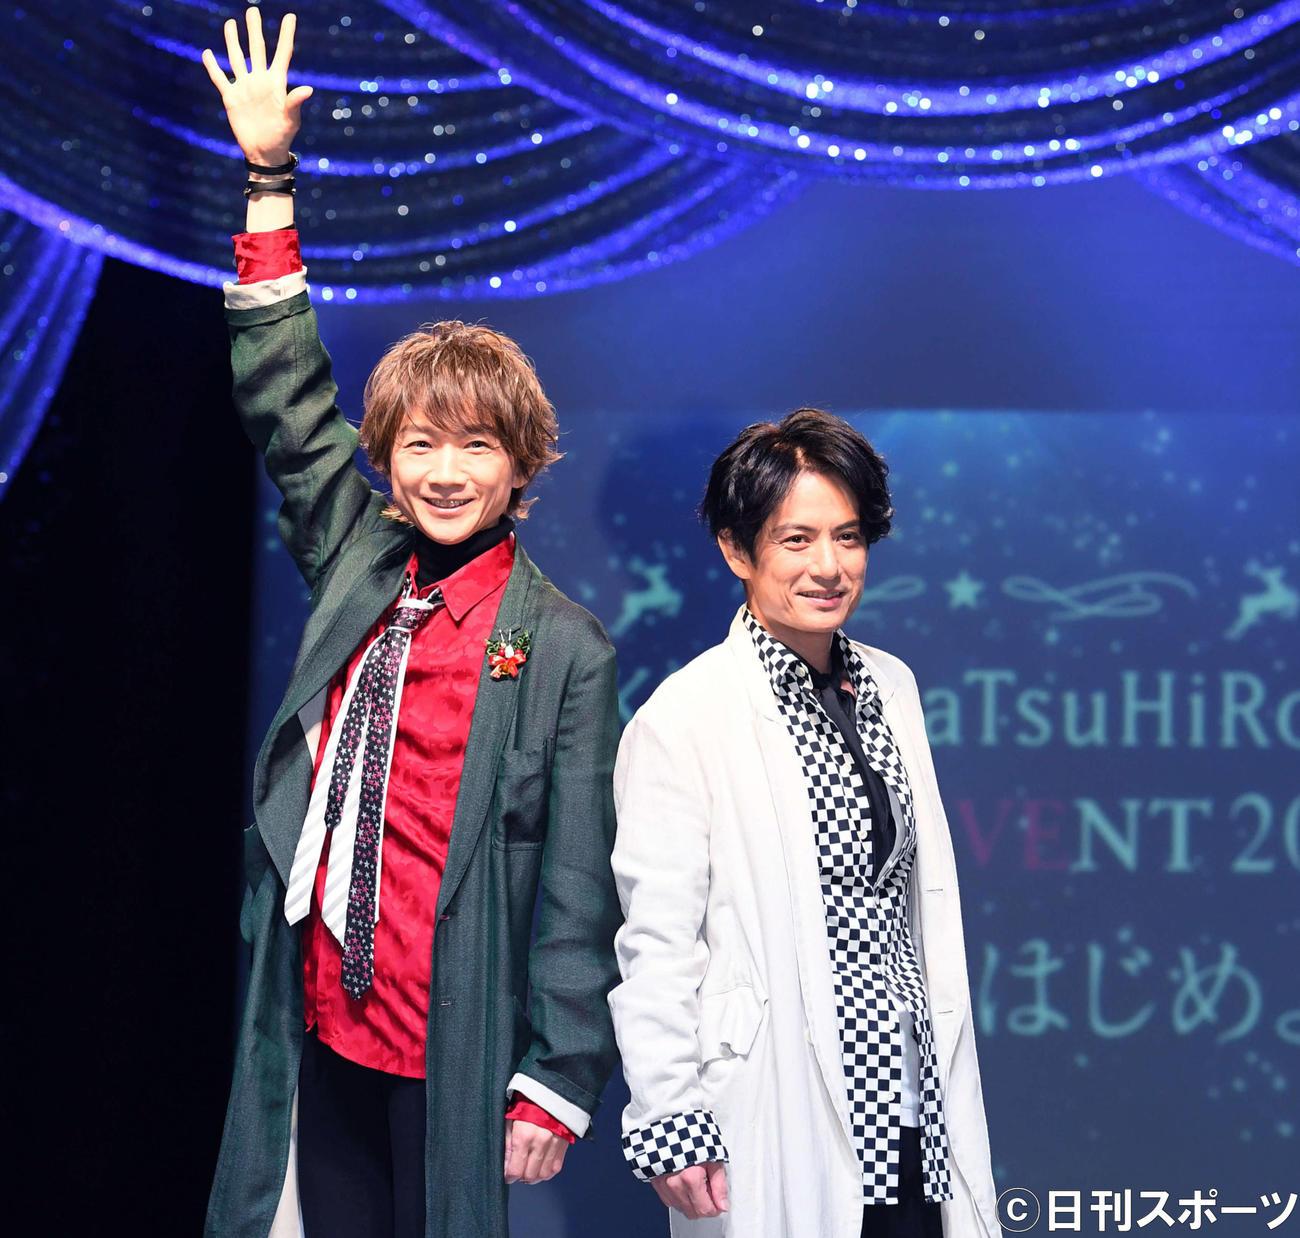 内海光司&佐藤アツヒロが光GENJIの世界再現 - ジャニーズ : 日刊 ...